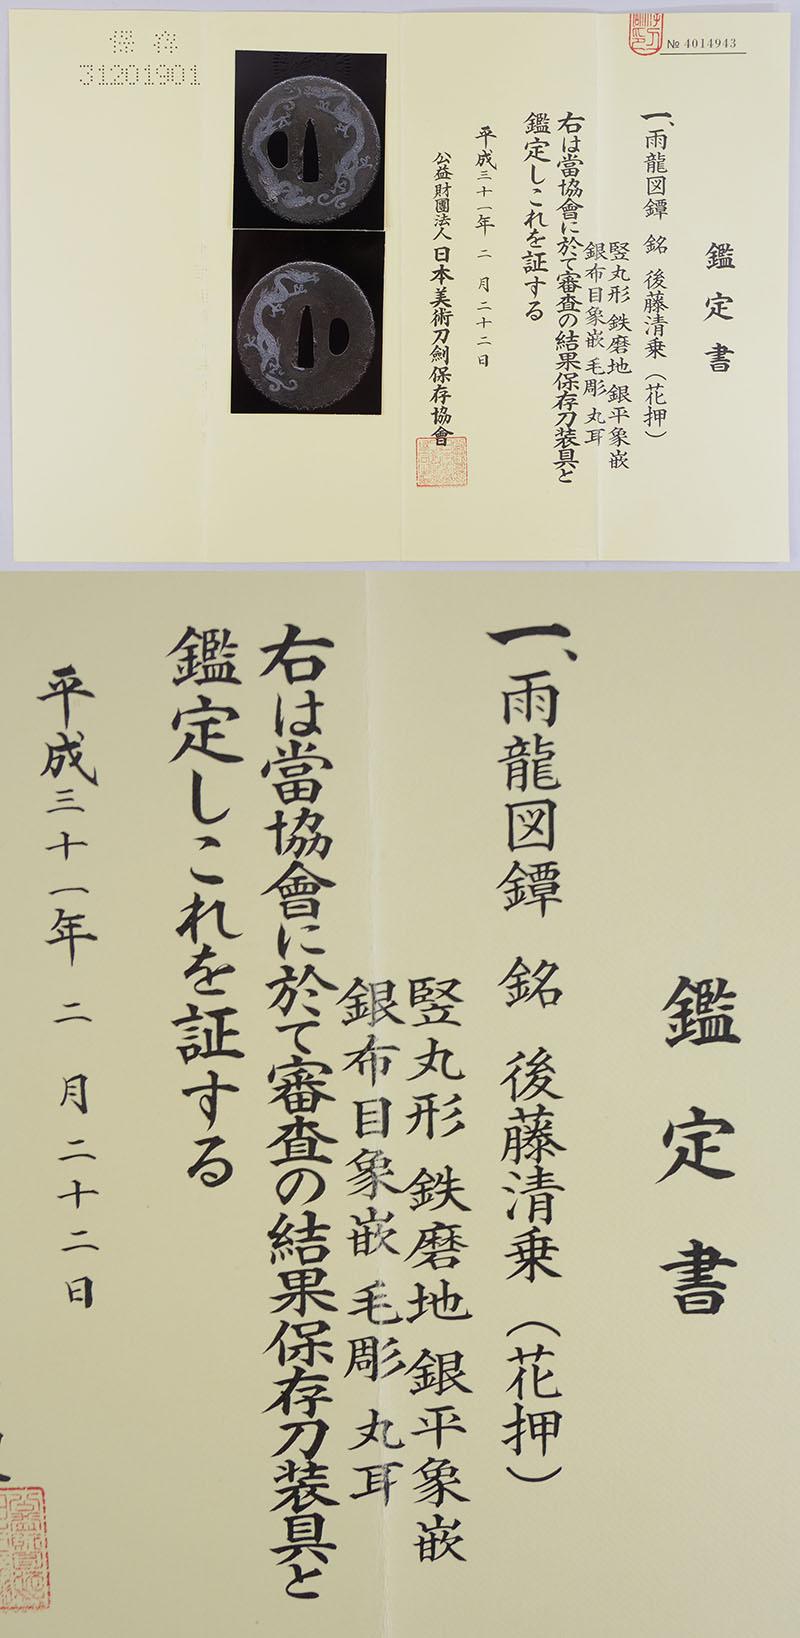 雨龍図鍔 後藤清乗(花押)(権兵衛家) Picture of Certificate